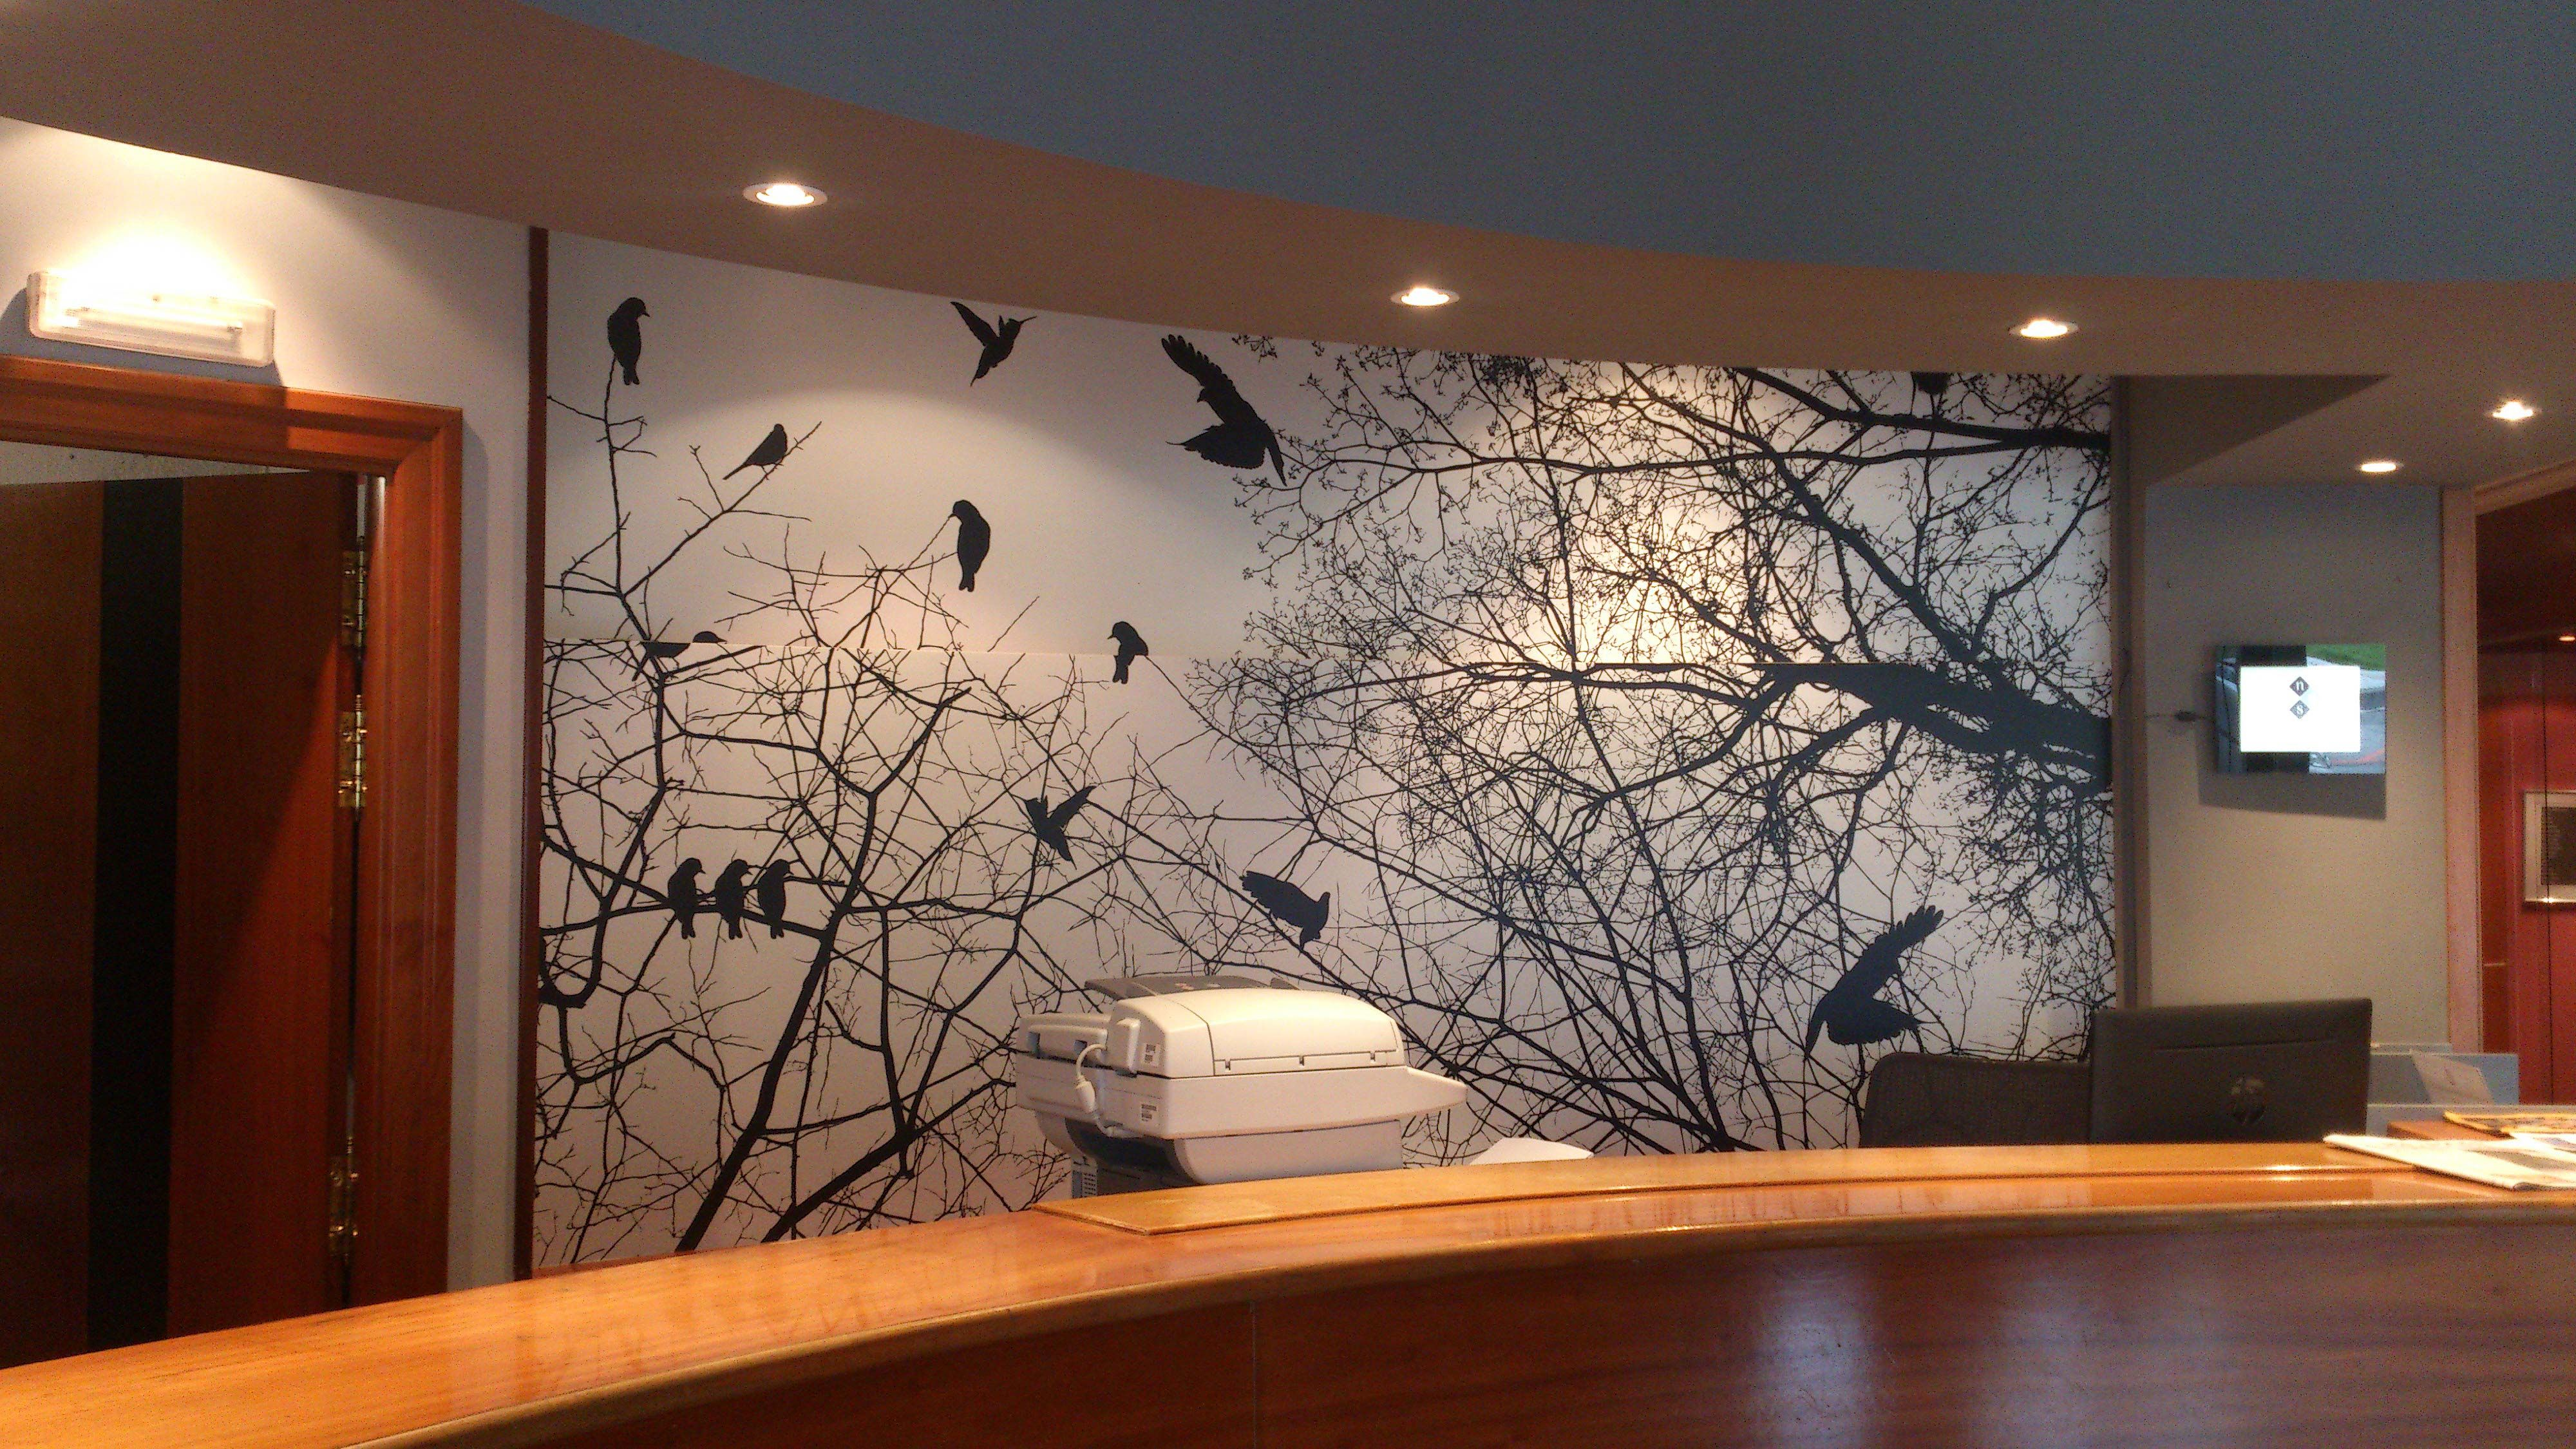 Vinilos y fotomurales decoraci n paredes y habitaciones for Fotomurales y vinilos